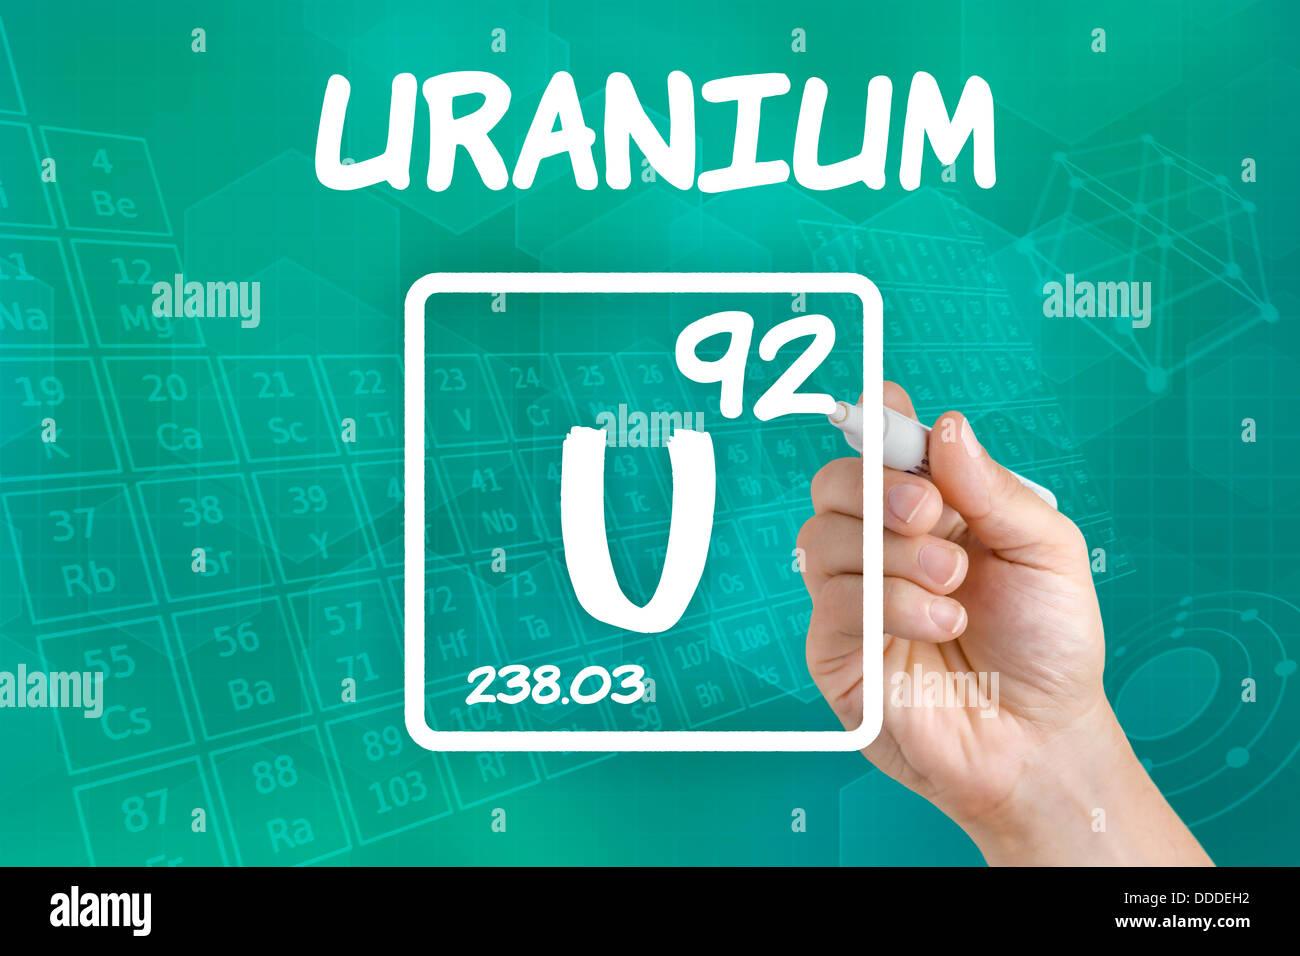 Symbol for the chemical element uranium stock photo 59918462 alamy symbol for the chemical element uranium buycottarizona Images